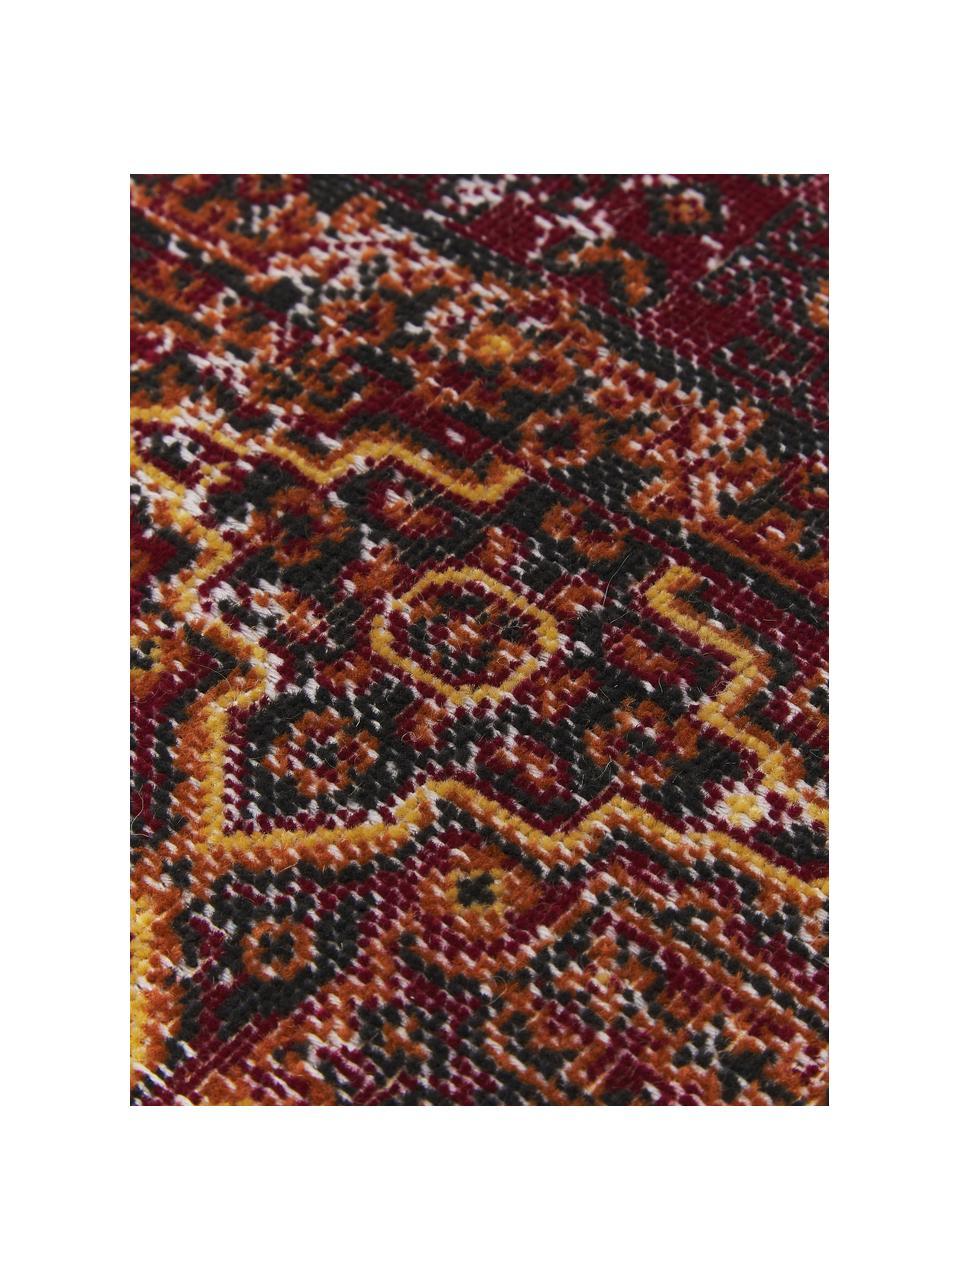 Dywan wewnętrzny/zewnętrzny w stylu orient Tilas Izmir, 100% polipropylen, Ciemny czerwony, musztardowy, khaki, S 200 x D 290 cm (Rozmiar L)